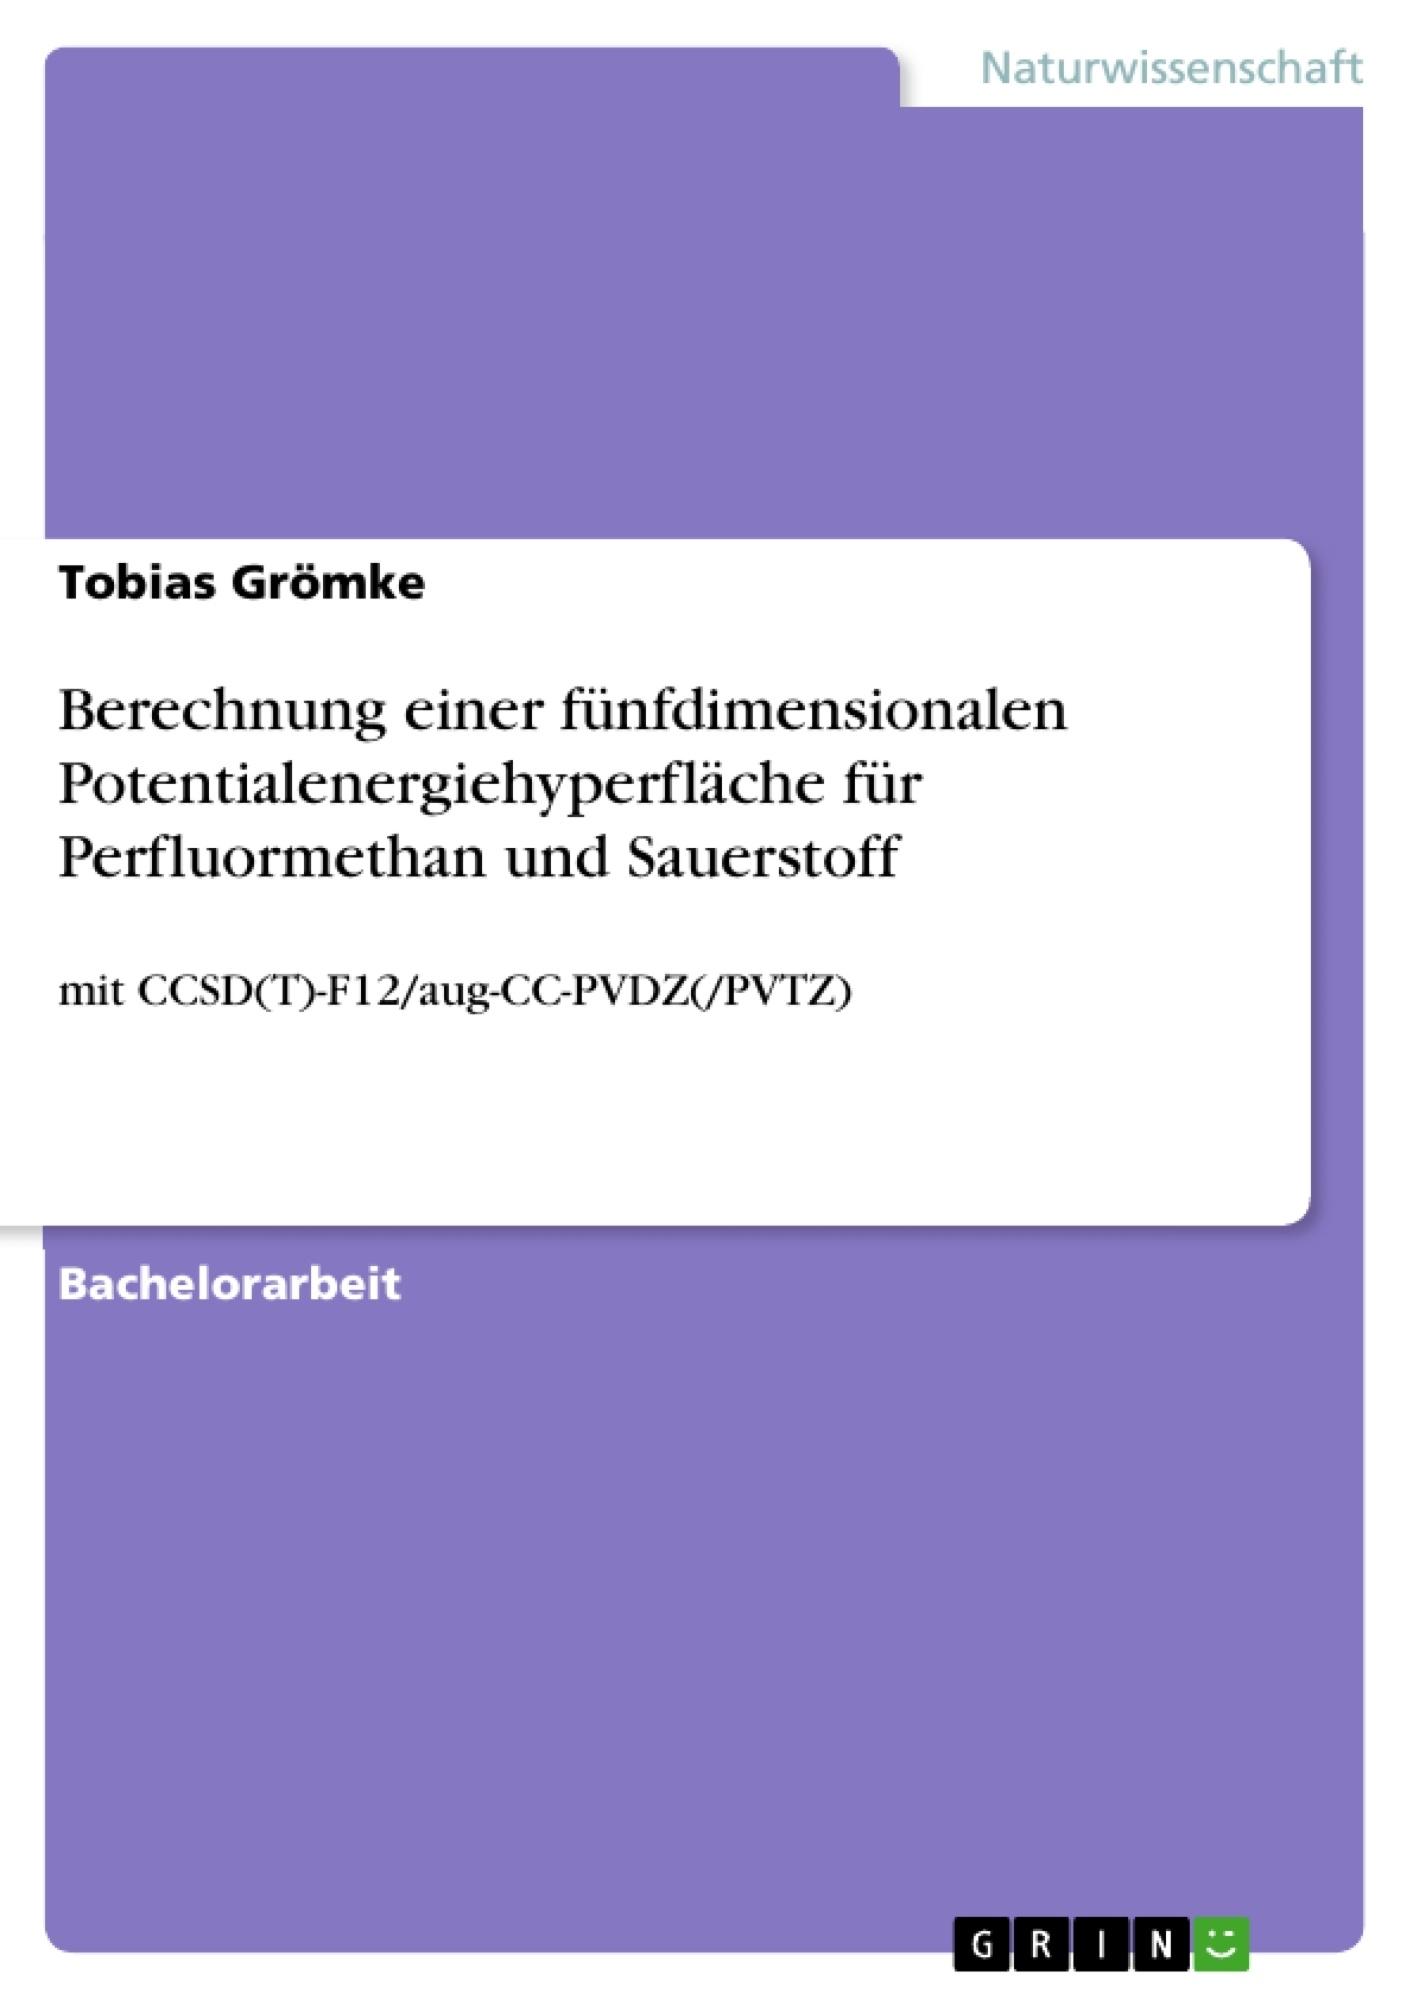 Titel: Berechnung einer fünfdimensionalen Potentialenergiehyperfläche für Perfluormethan und Sauerstoff